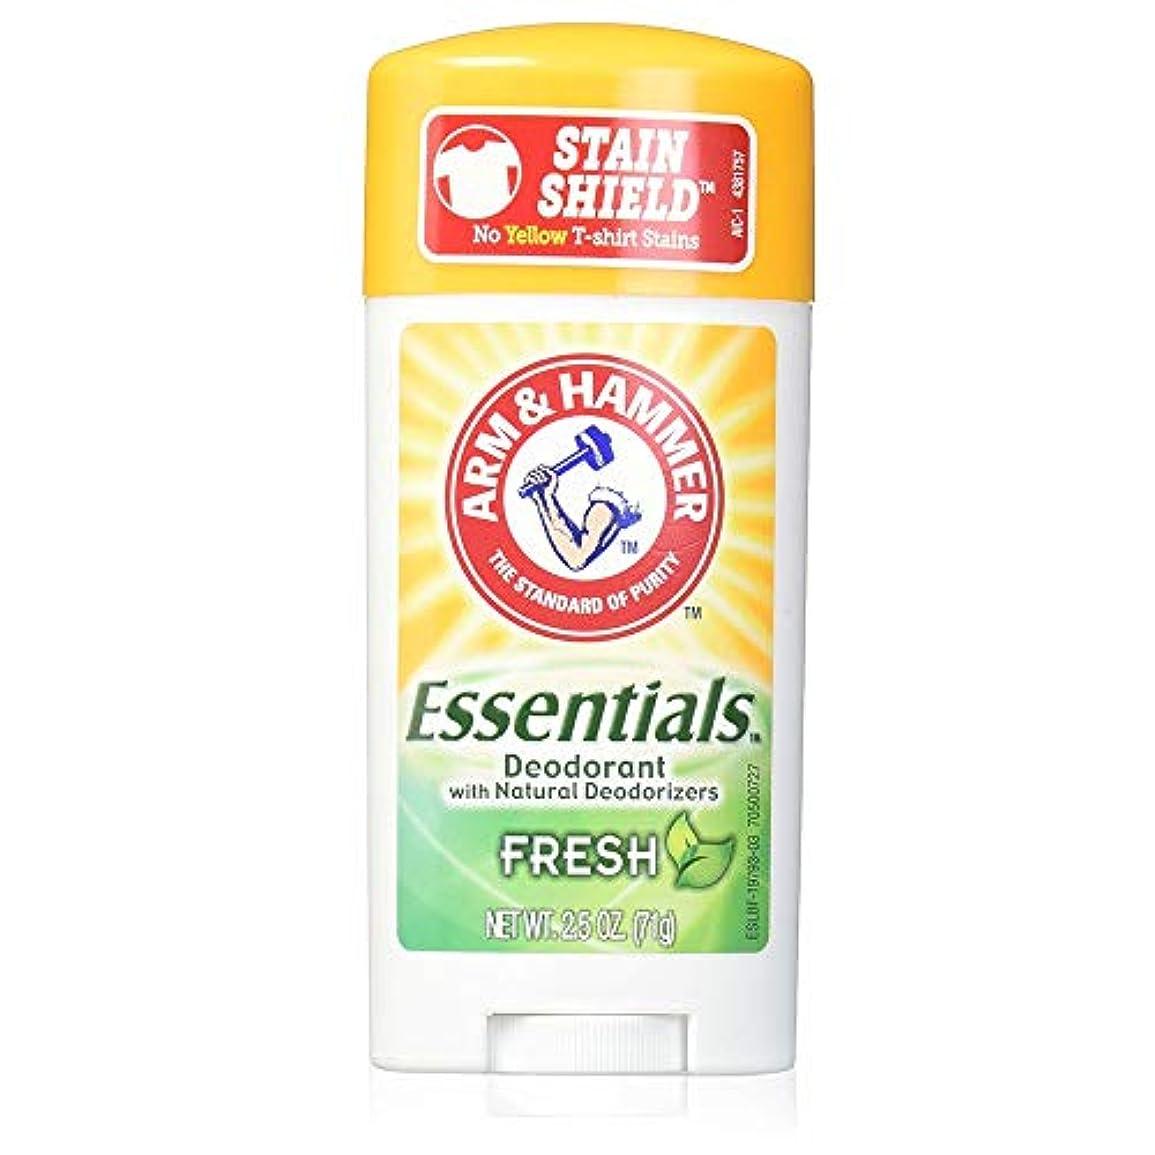 すべて器具そのようなアーム&ハマー デオドラント【フレッシュ】制汗剤【お風呂上がりの香り】Arm & Hammer Essentials Natural Deodorant Fresh 71?[並行輸入品]